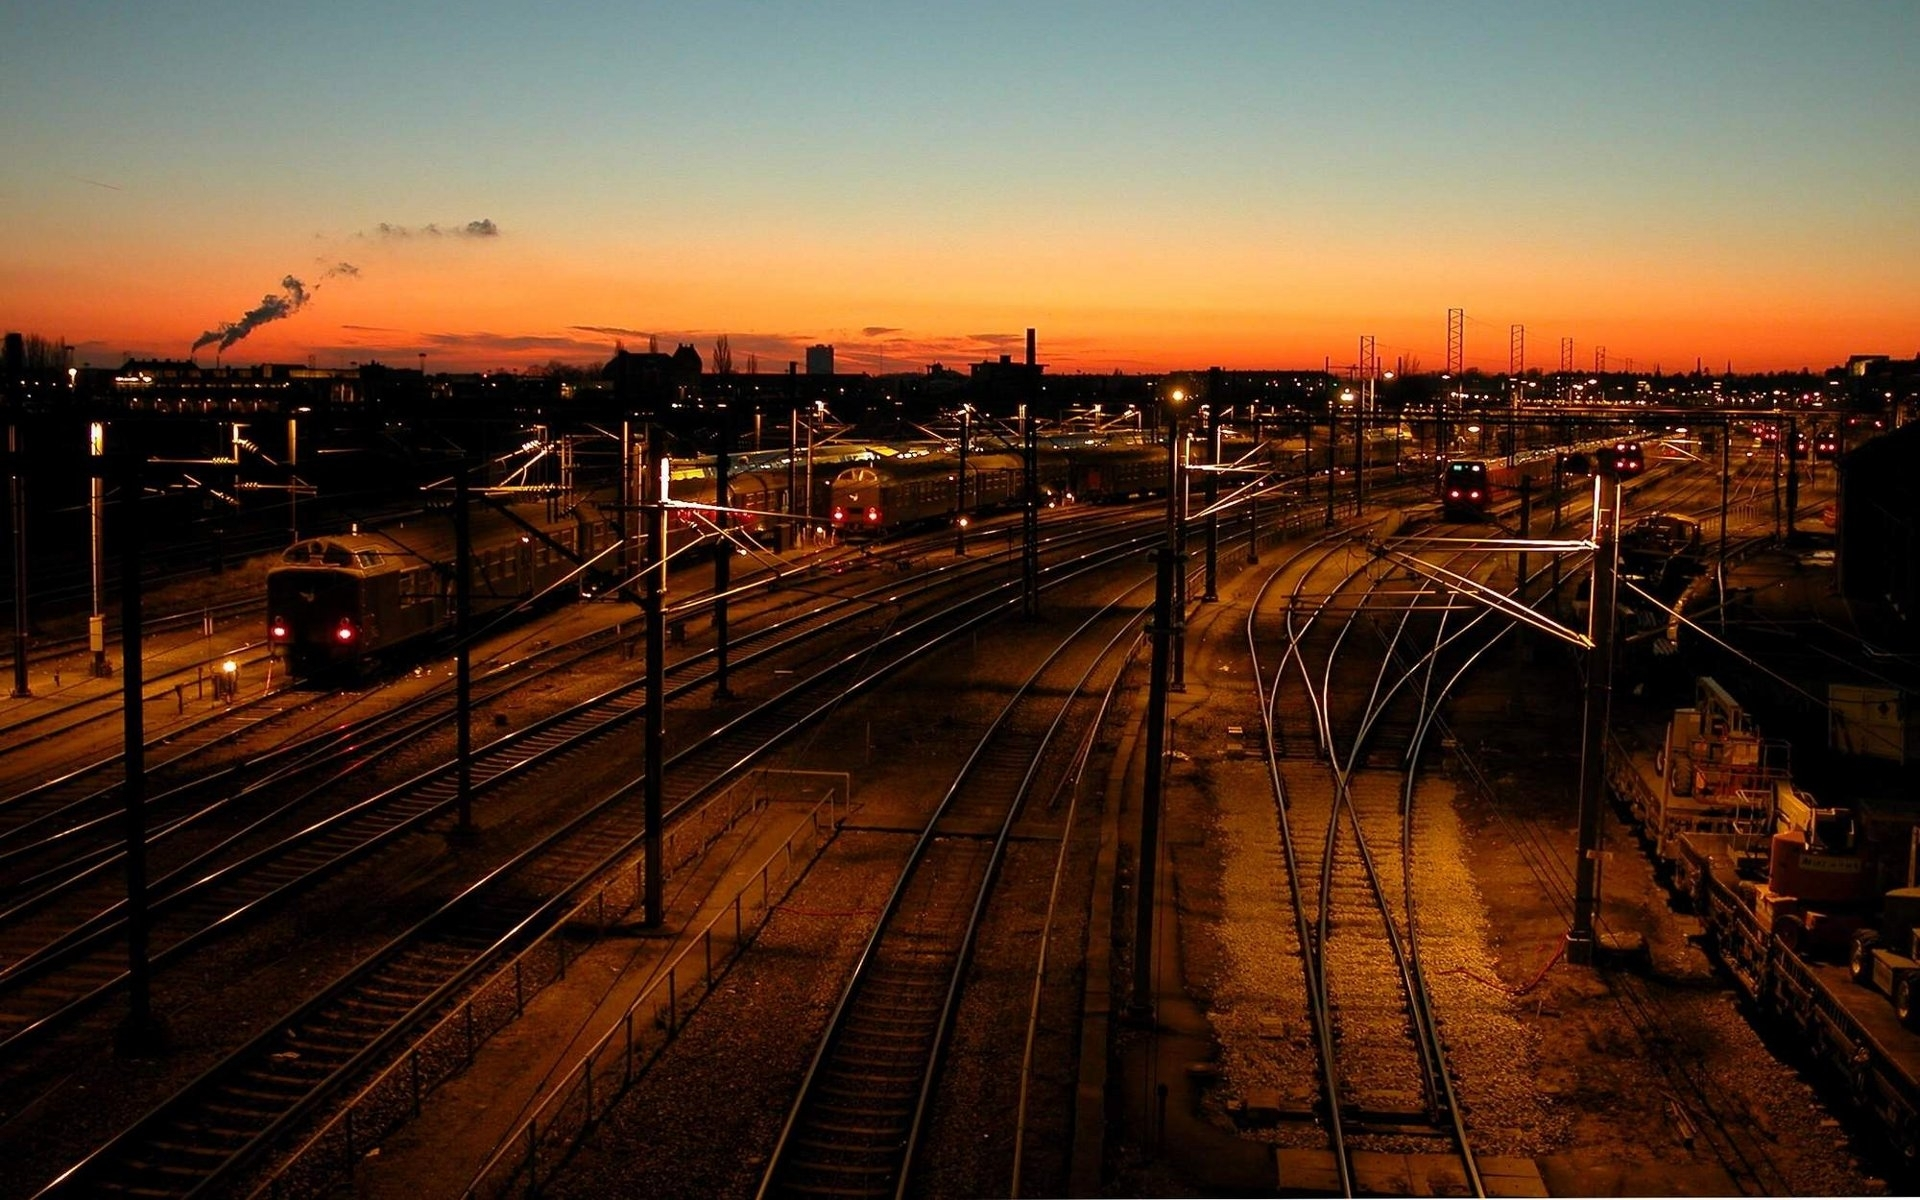 46200壁紙のダウンロード風景, 列車-スクリーンセーバーと写真を無料で